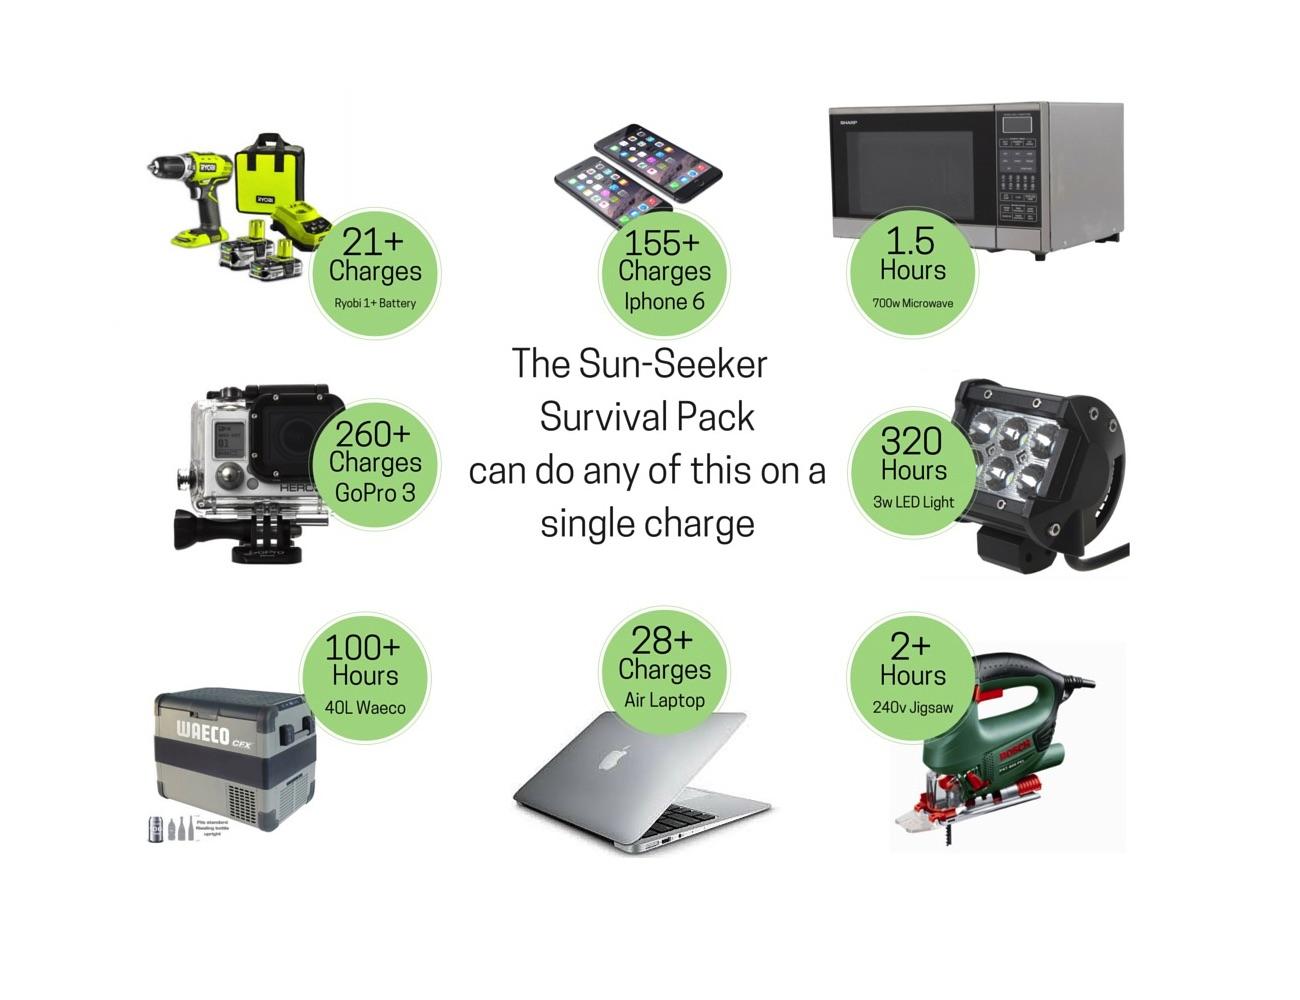 sun-seeker-pack-new-5